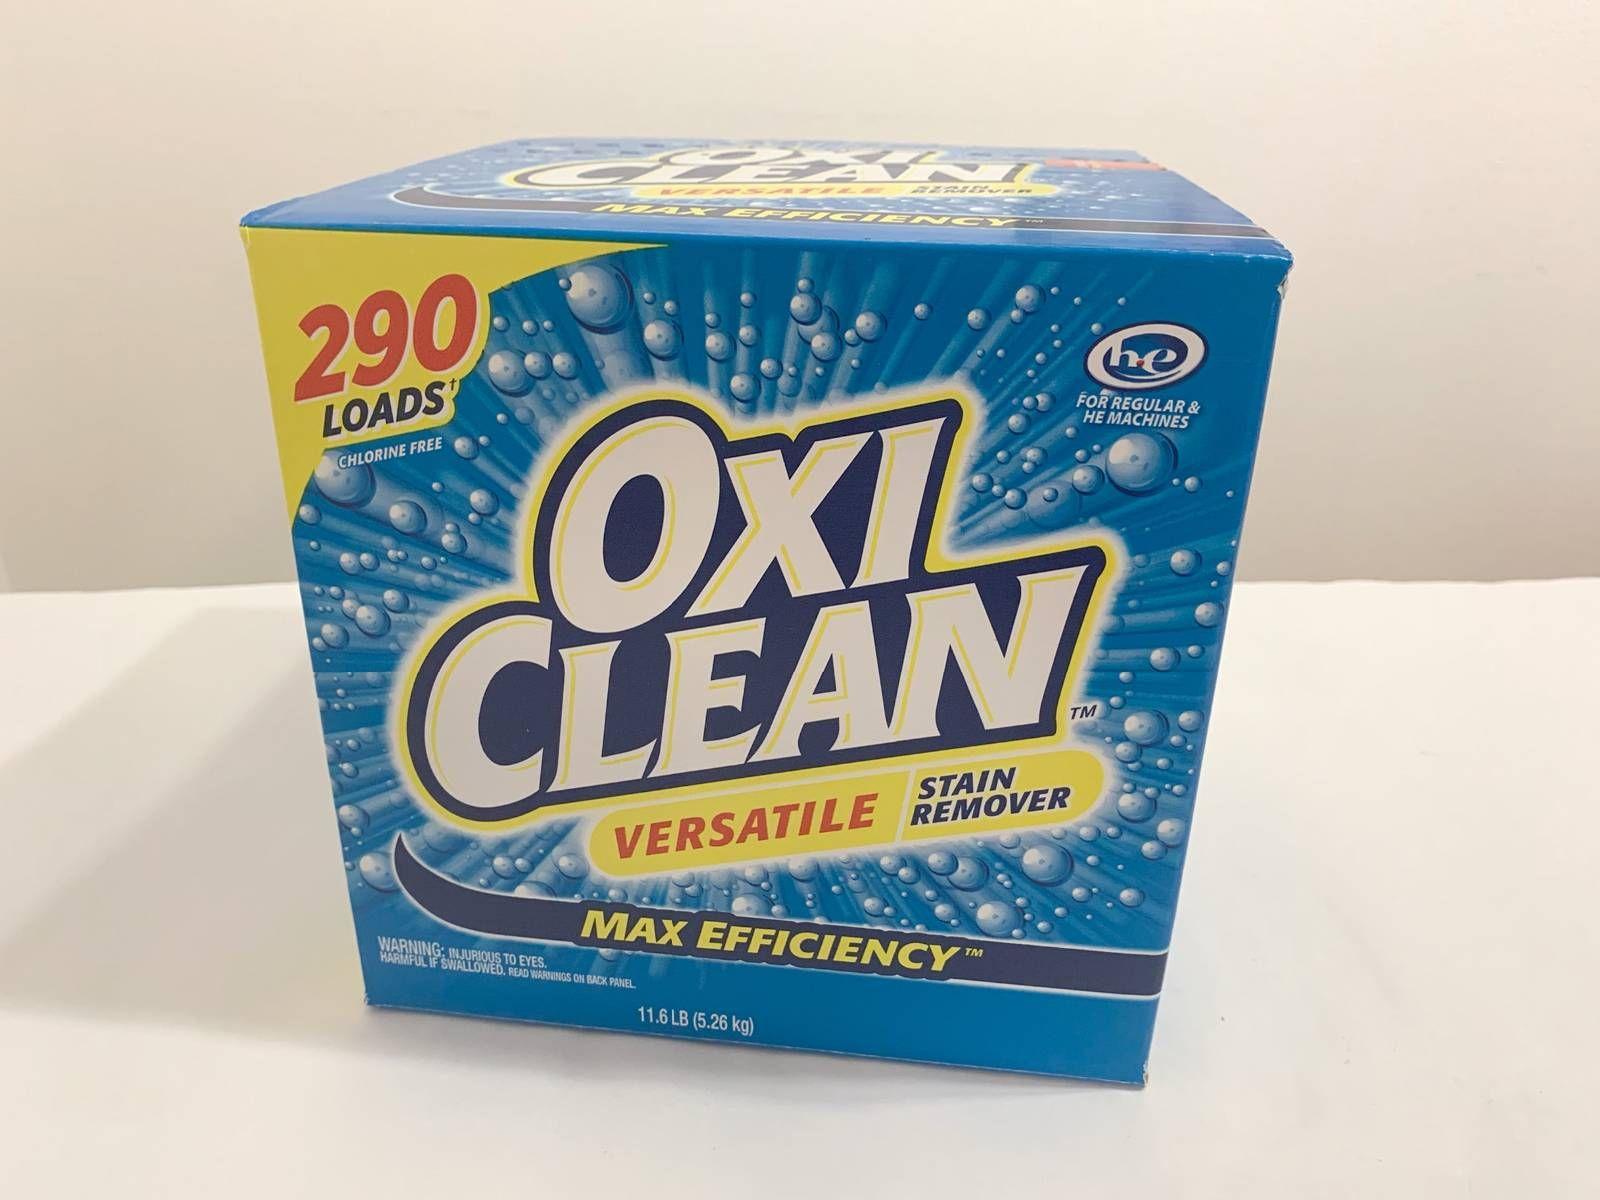 オキシクリーンで壁紙を掃除 フローリングもソファも リビングを丸ごときれいにする方法 オキシクリーン 壁紙 汚れ 壁紙 掃除